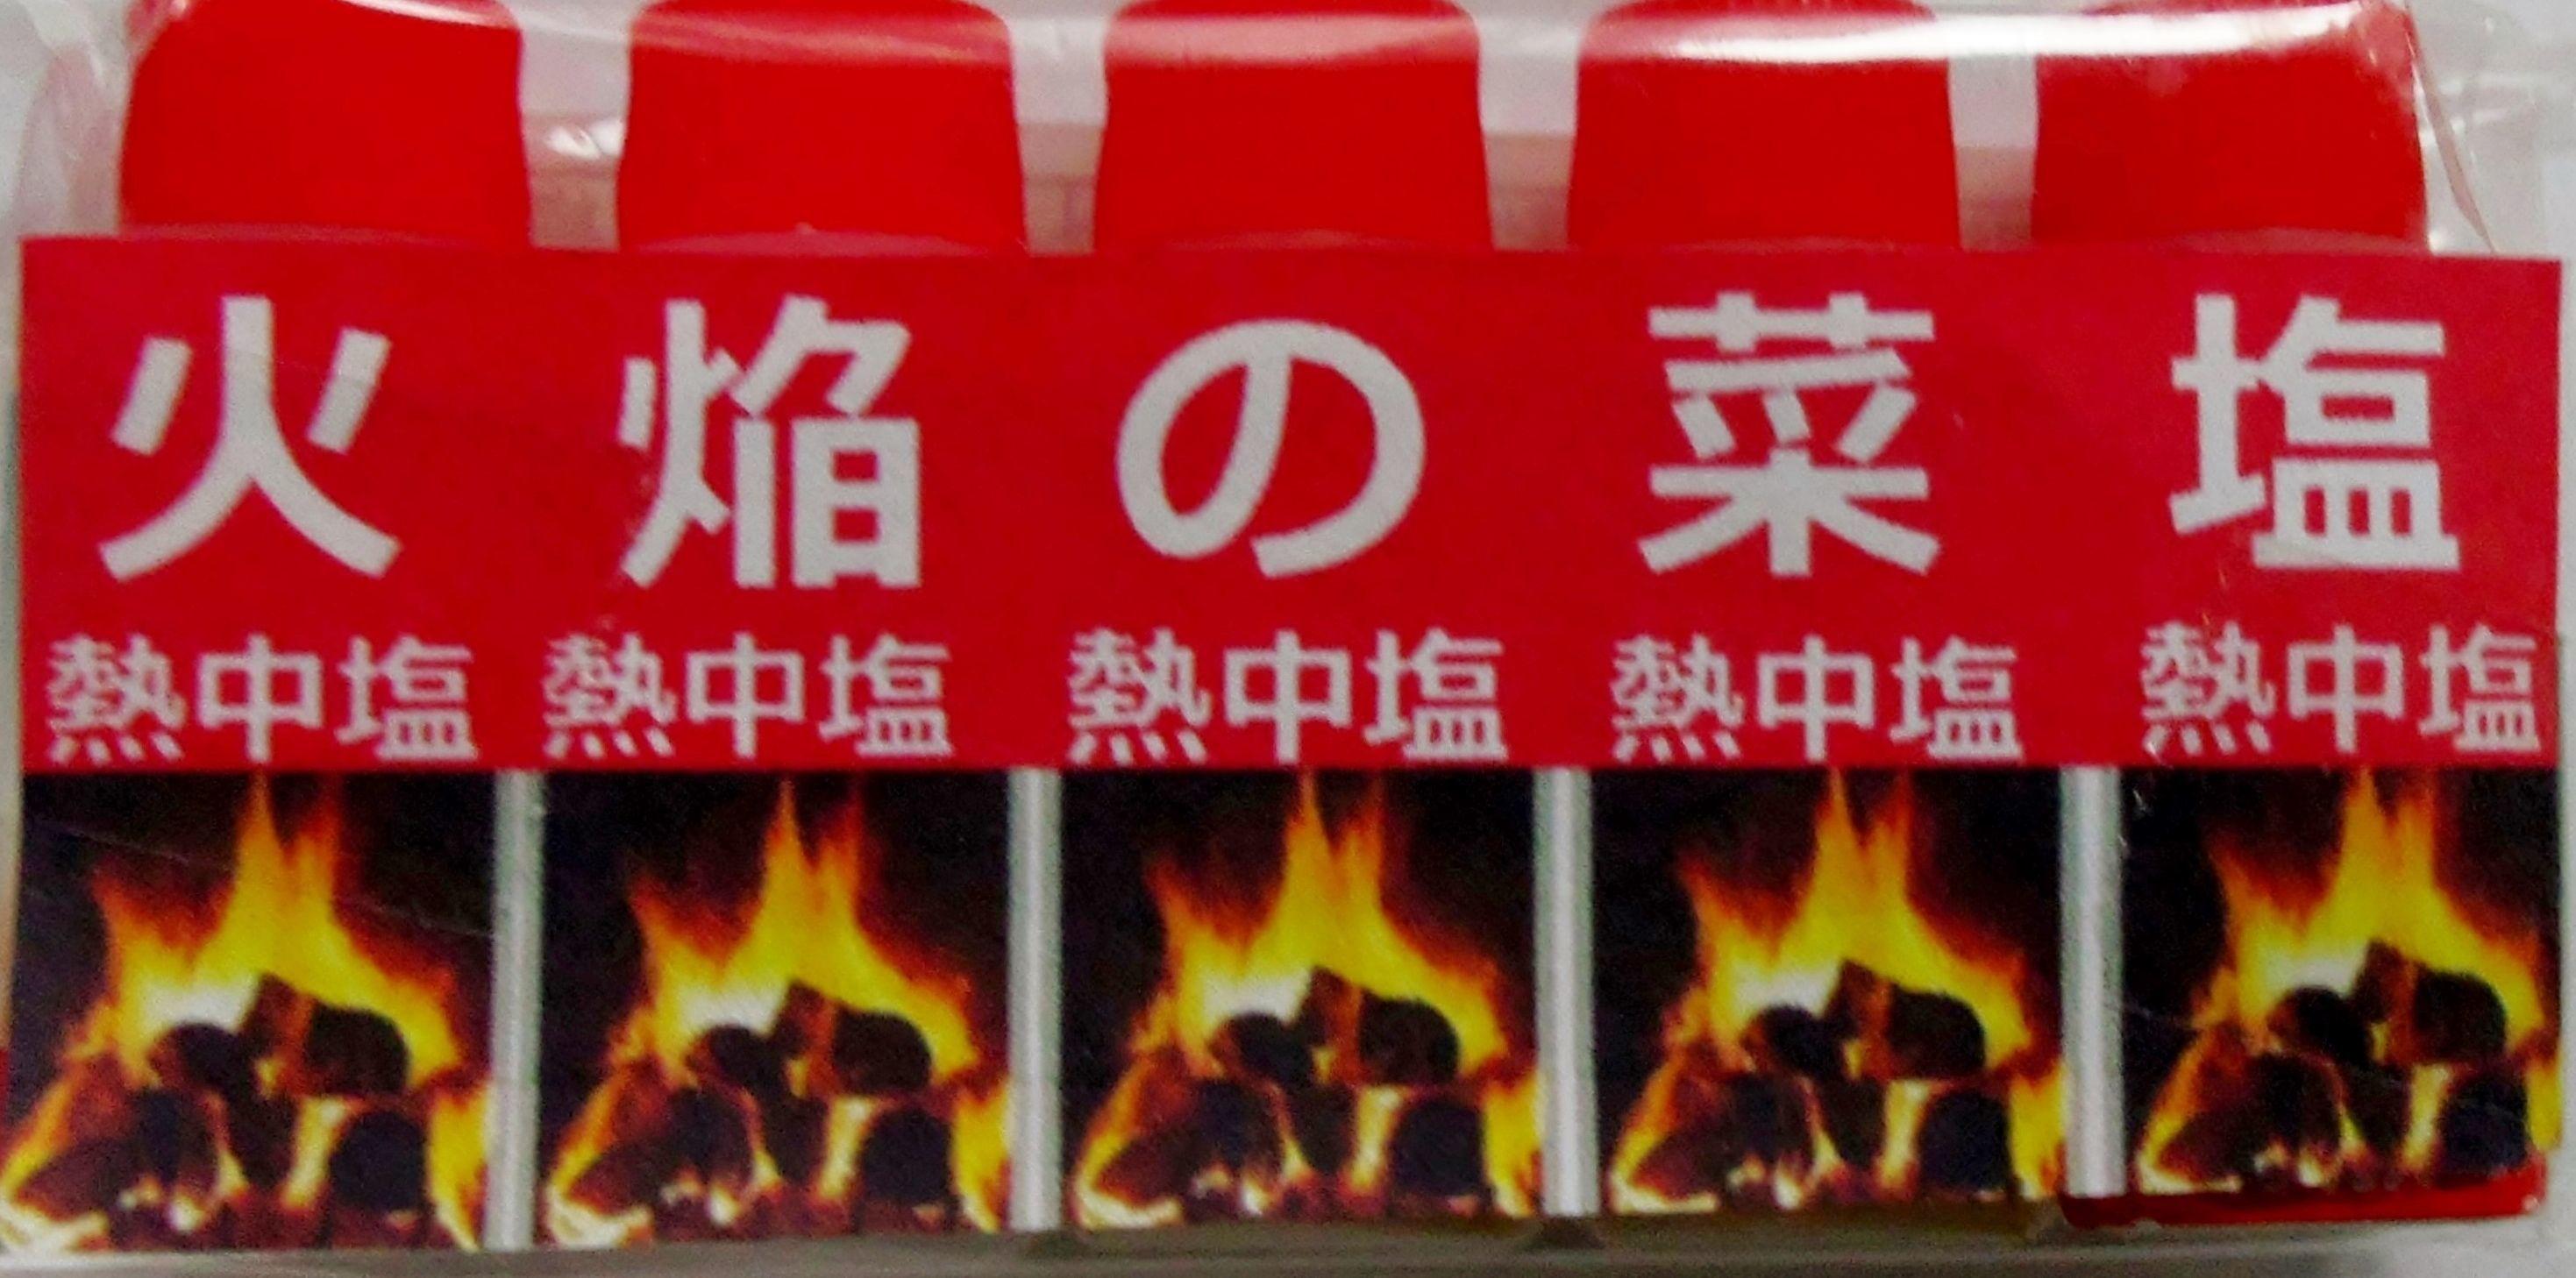 炎の菜塩  熱中症対策の専用塩 5本組 24セット